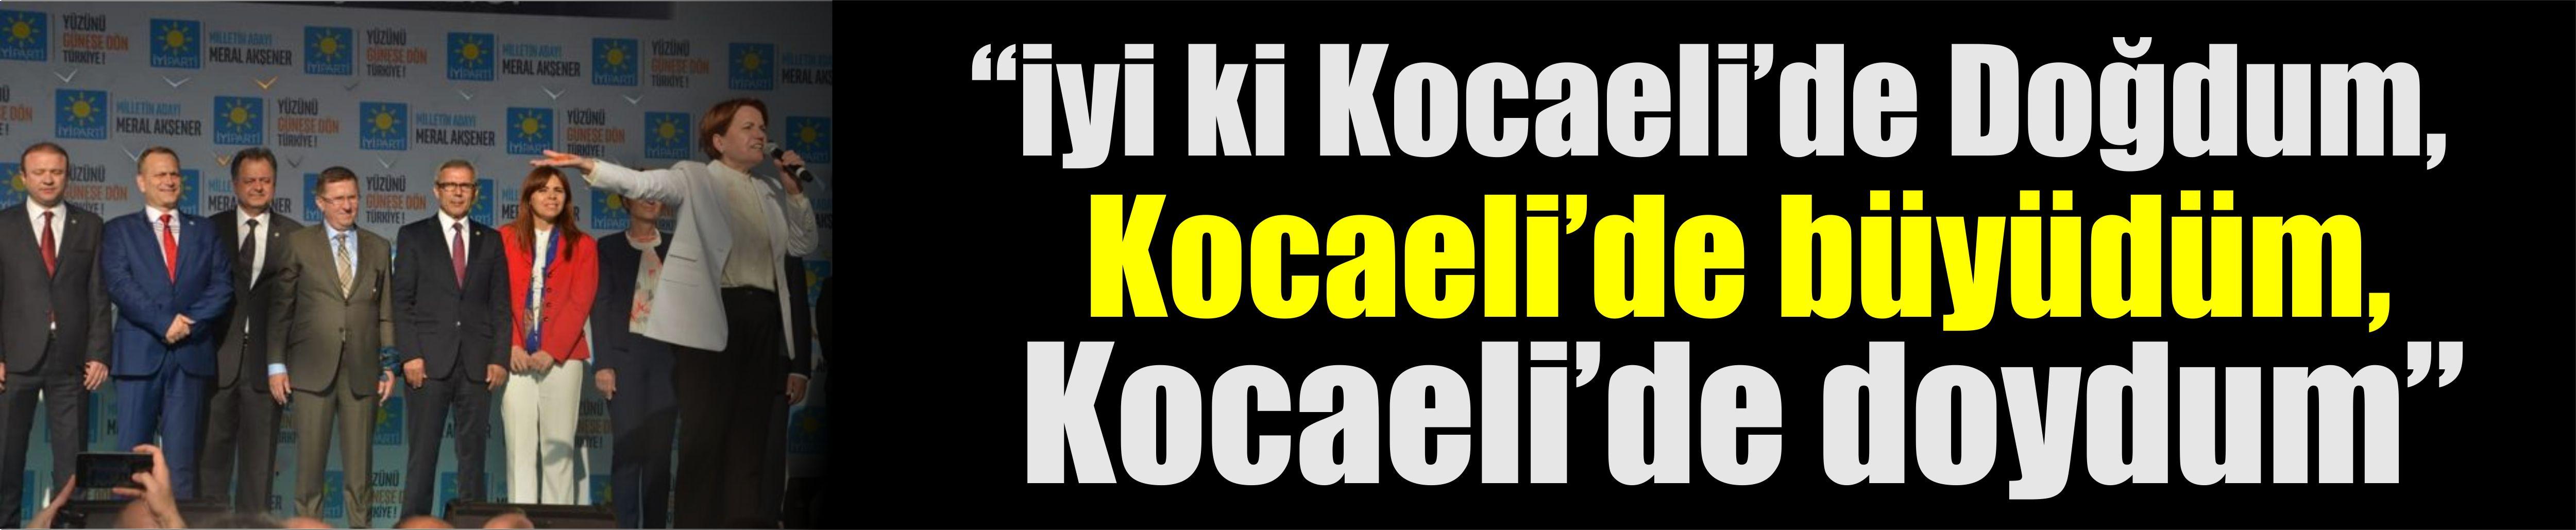 """""""İyi ki Kocaeli'de doğdum,Kocaeli'de büyüdüm,Kocaeli'de doydum"""""""